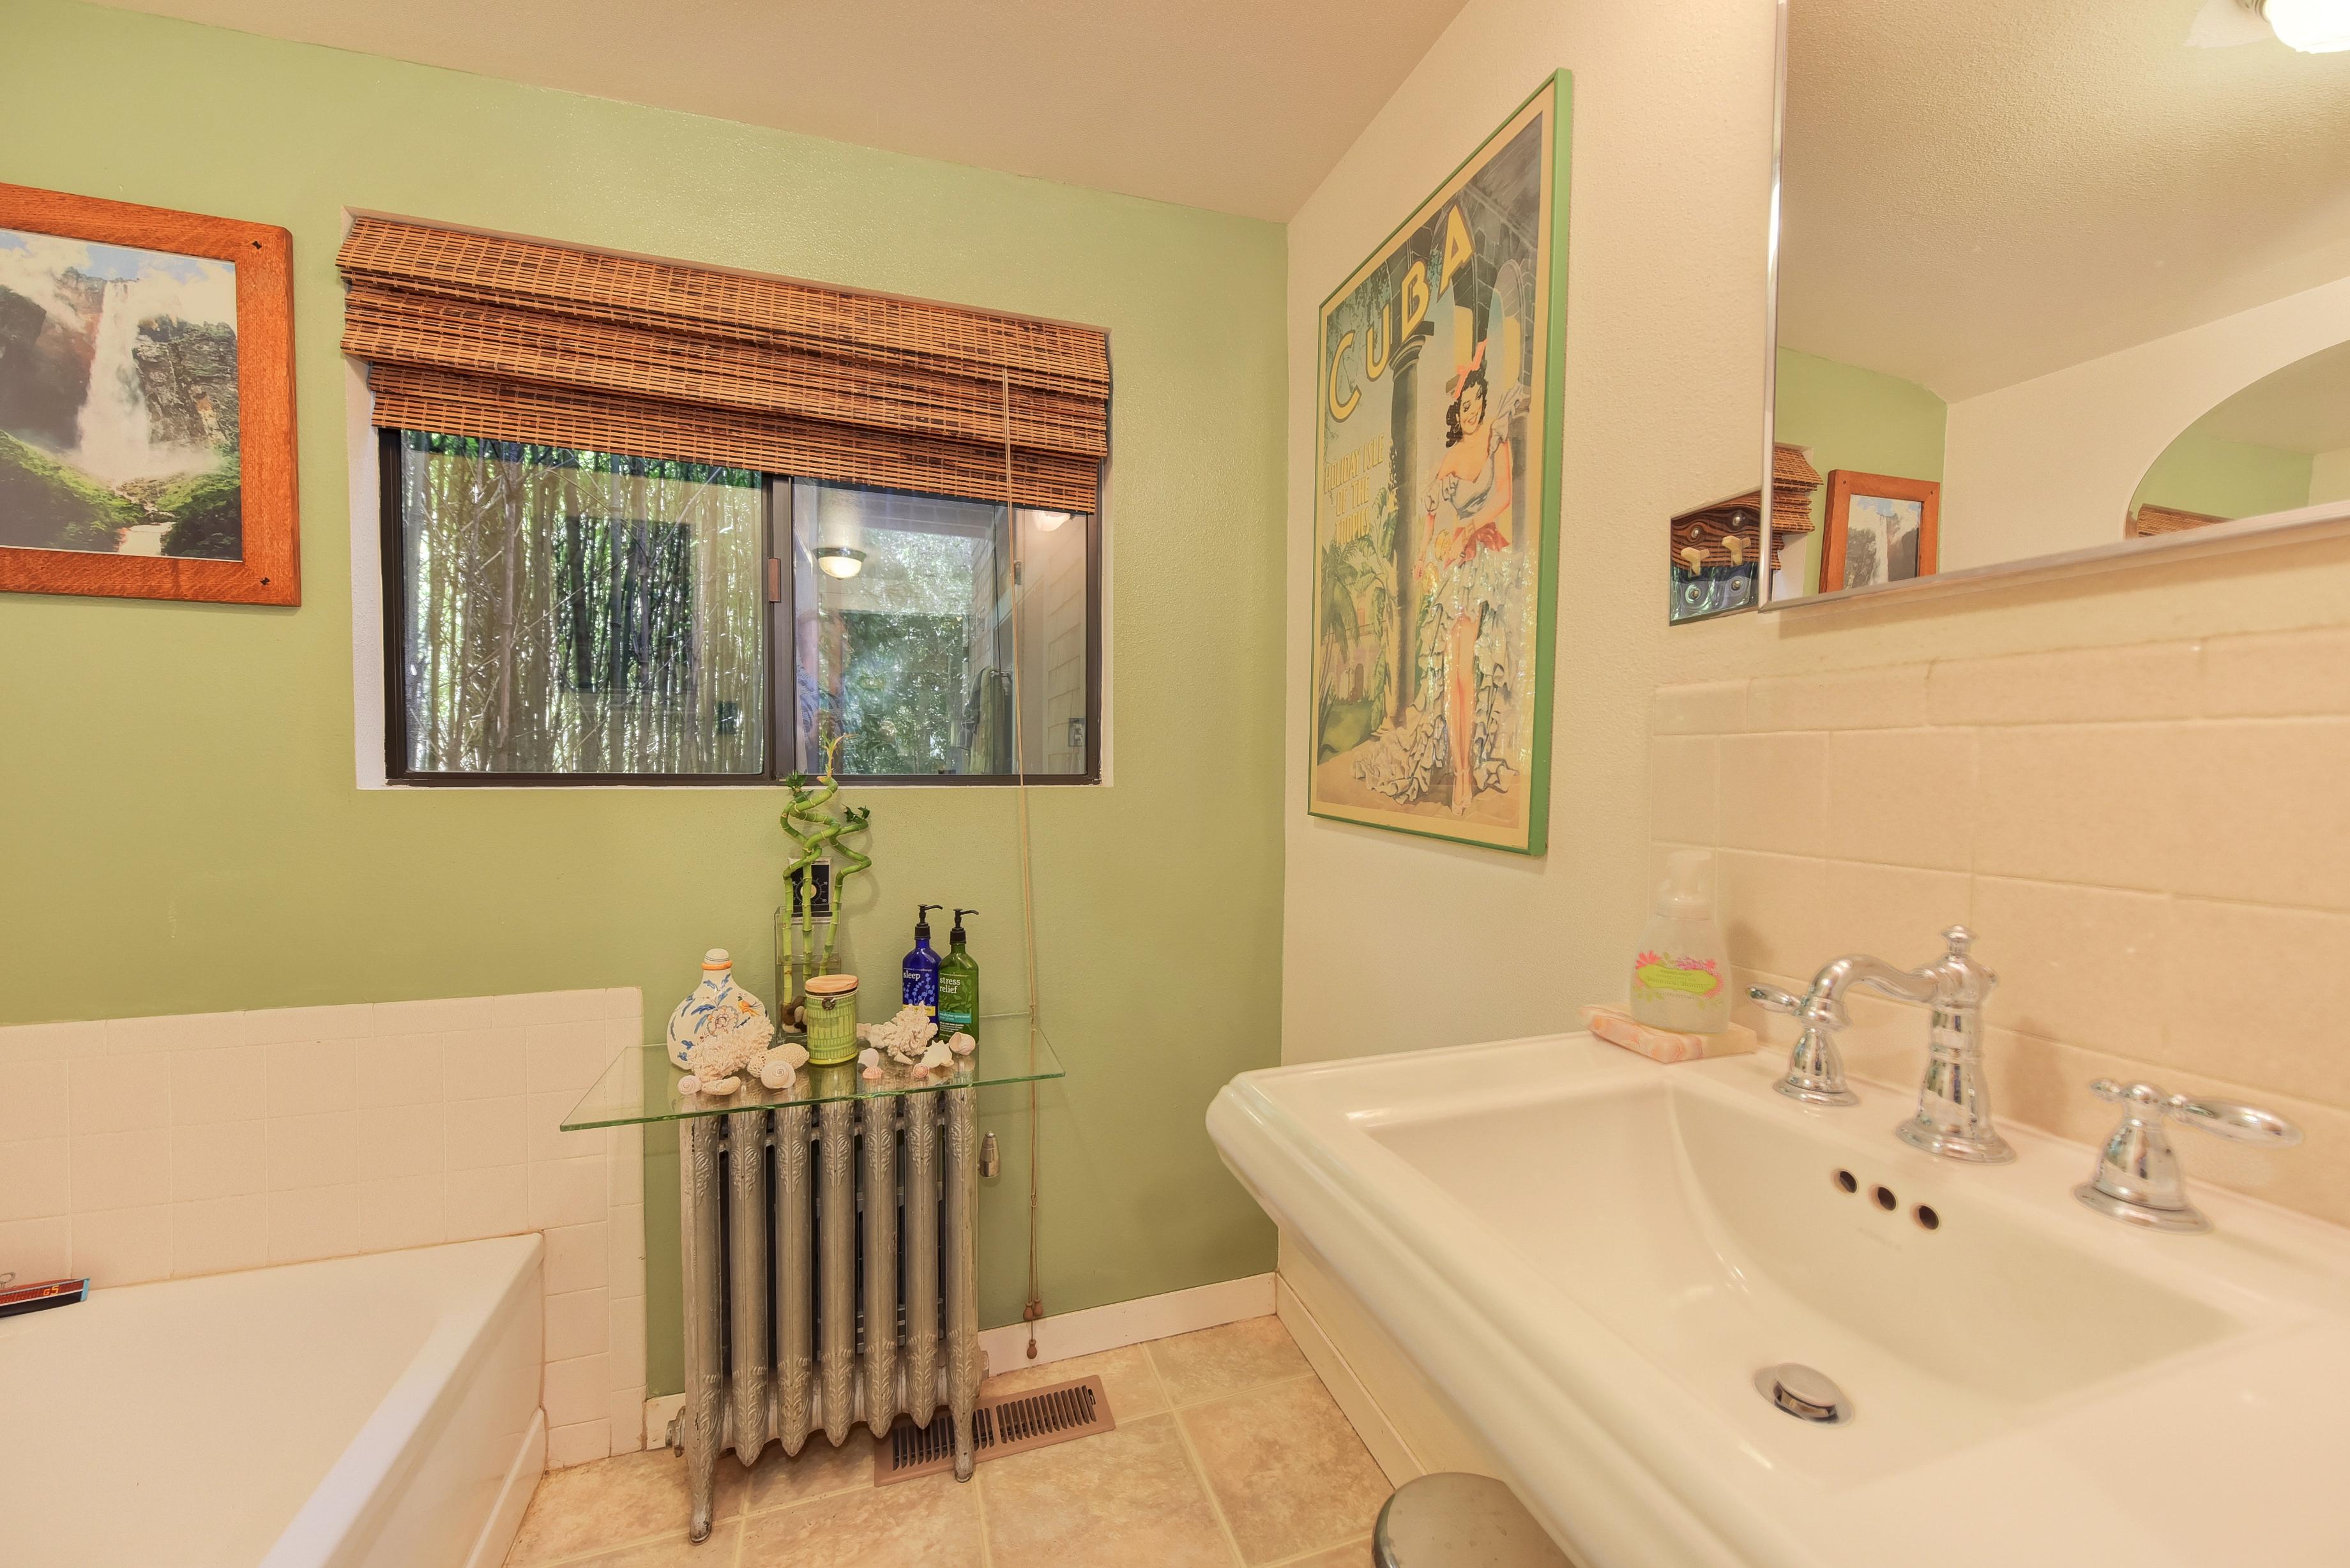 248 Cherry Ave, Auburn CA 95603, DS Bath